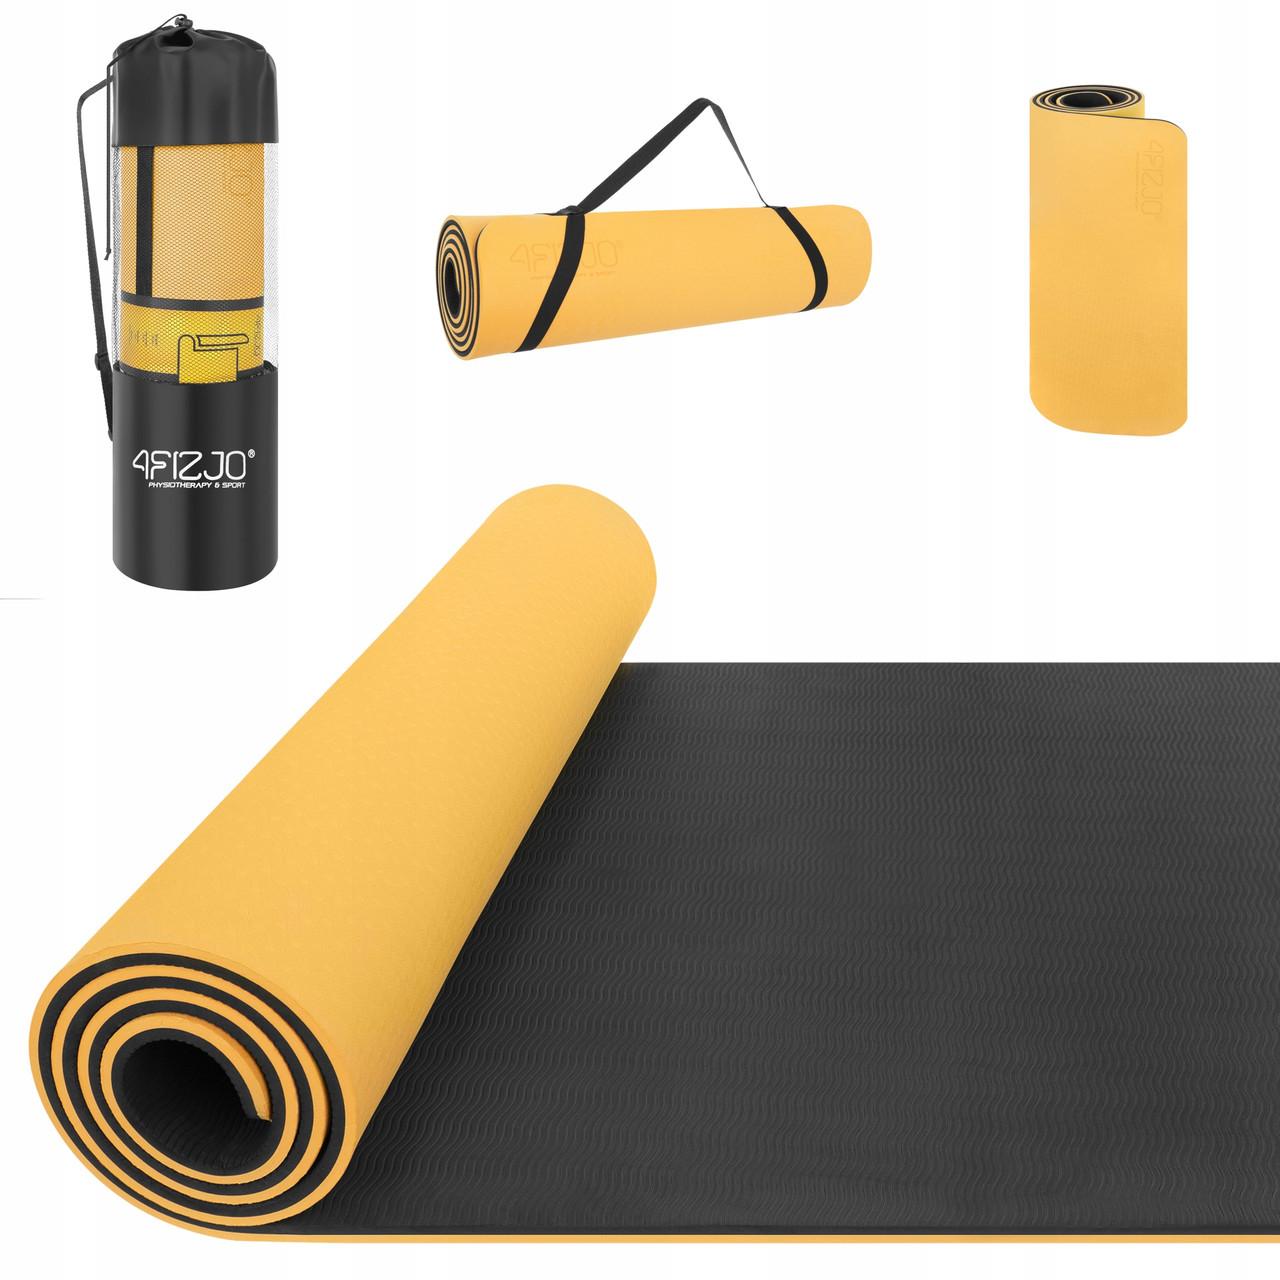 Килимок (мат) для йоги та фітнесу 4FIZJO TPE 1 см 4FJ0201 Orange/Black